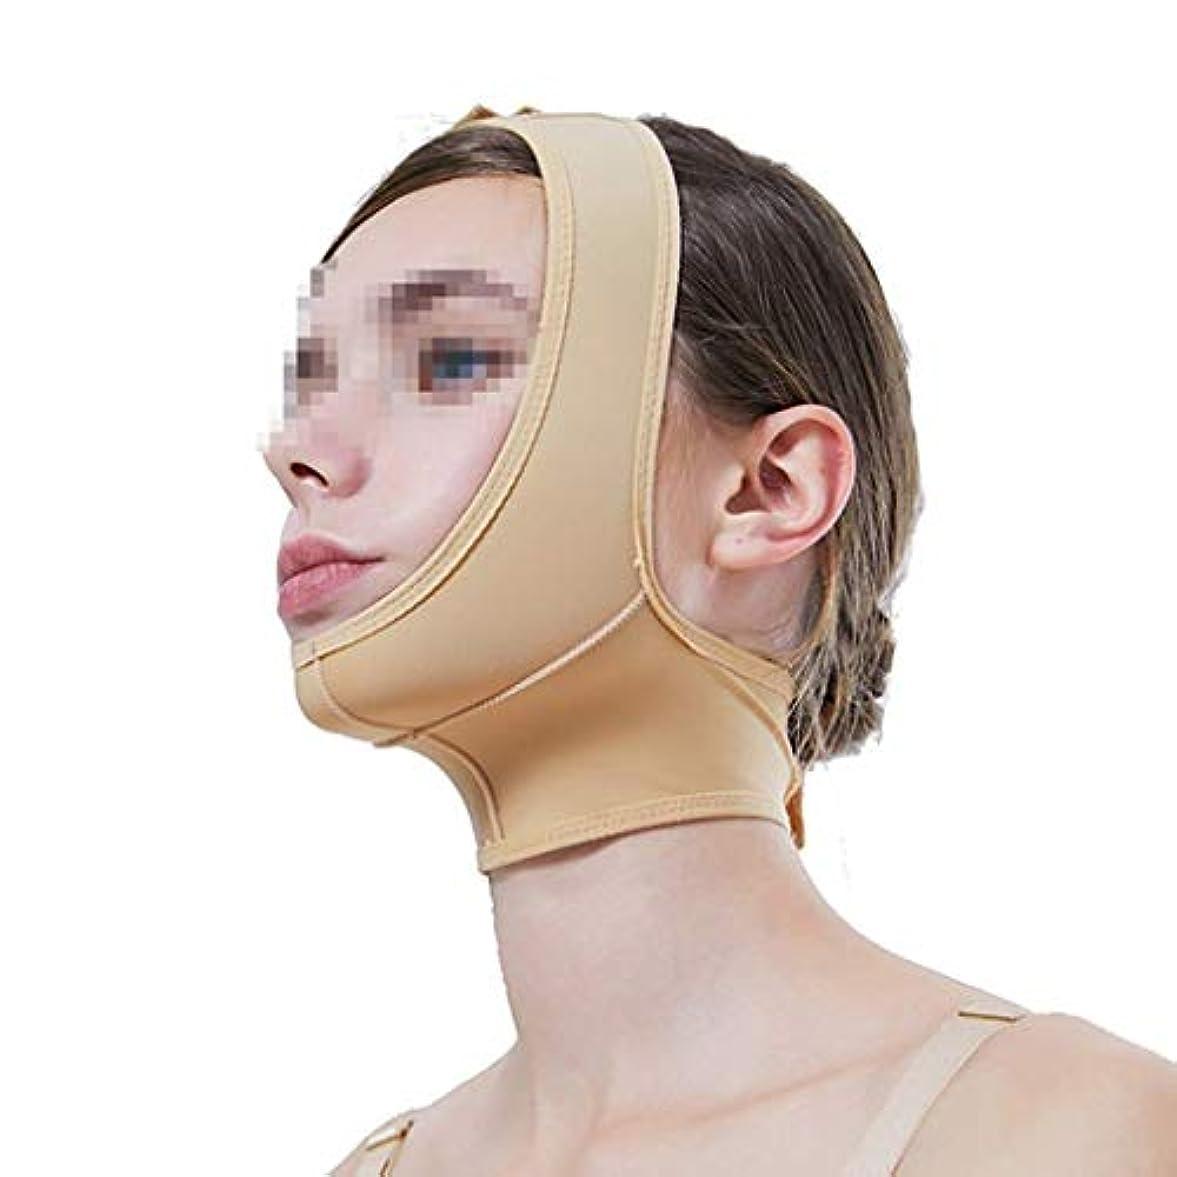 輝くロッド爆発物伸縮性のある薄いフェイスフード、下顎スリーブ術後の伸縮性のあるスリーブフェイスVフェイスマスク付きダブルチンビーストバーマルチサイズオプション(サイズ:XXL)